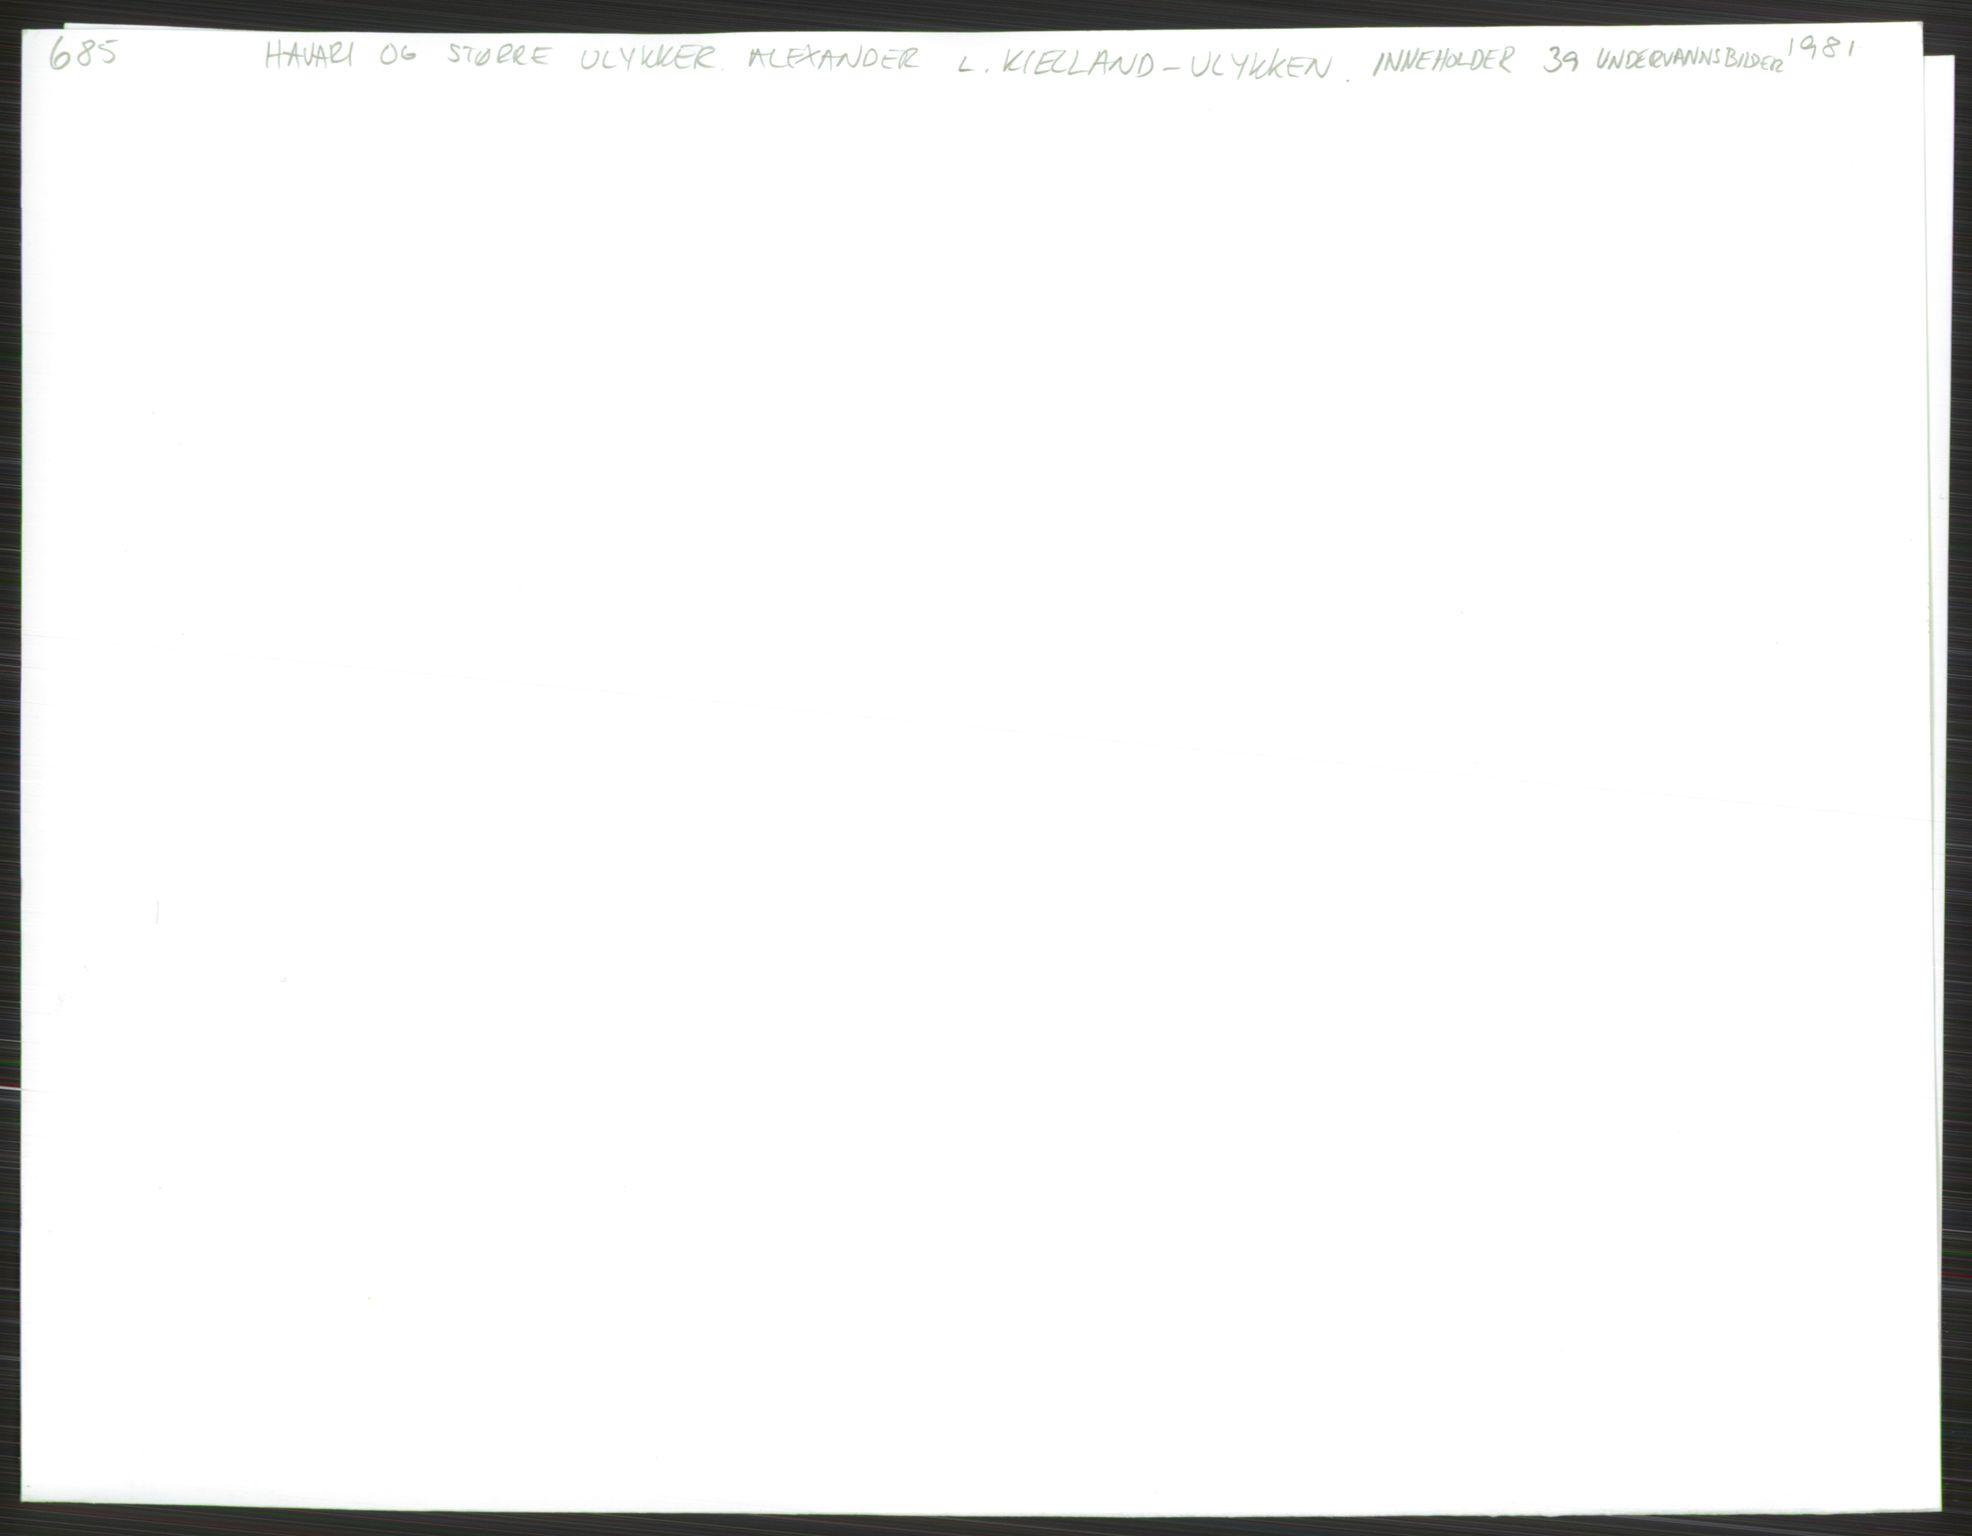 RA, Handelsdepartementet, Skipsfartsavdelingen, D/De/L0500: Skipsfart. Andre spørsmål, 1981